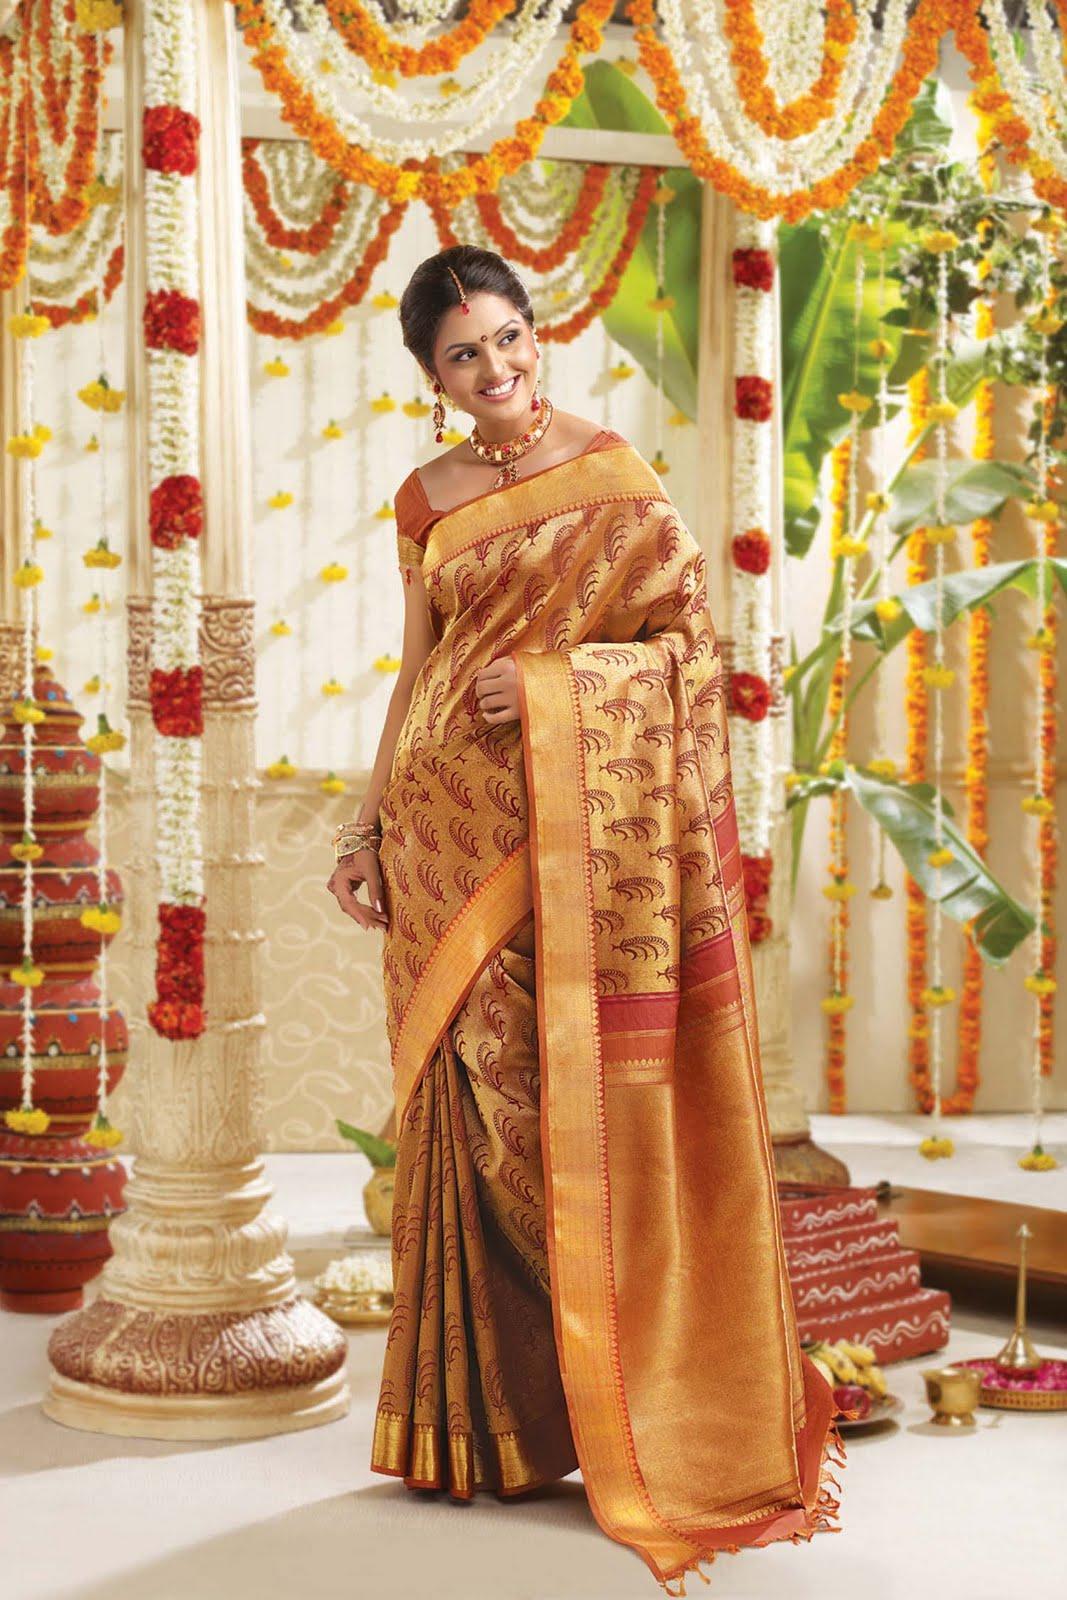 Wedding sarees kanchipuram silk sarees kanch pattu saree new indian - Marriage Sarees Rmkv Wedding Sarees